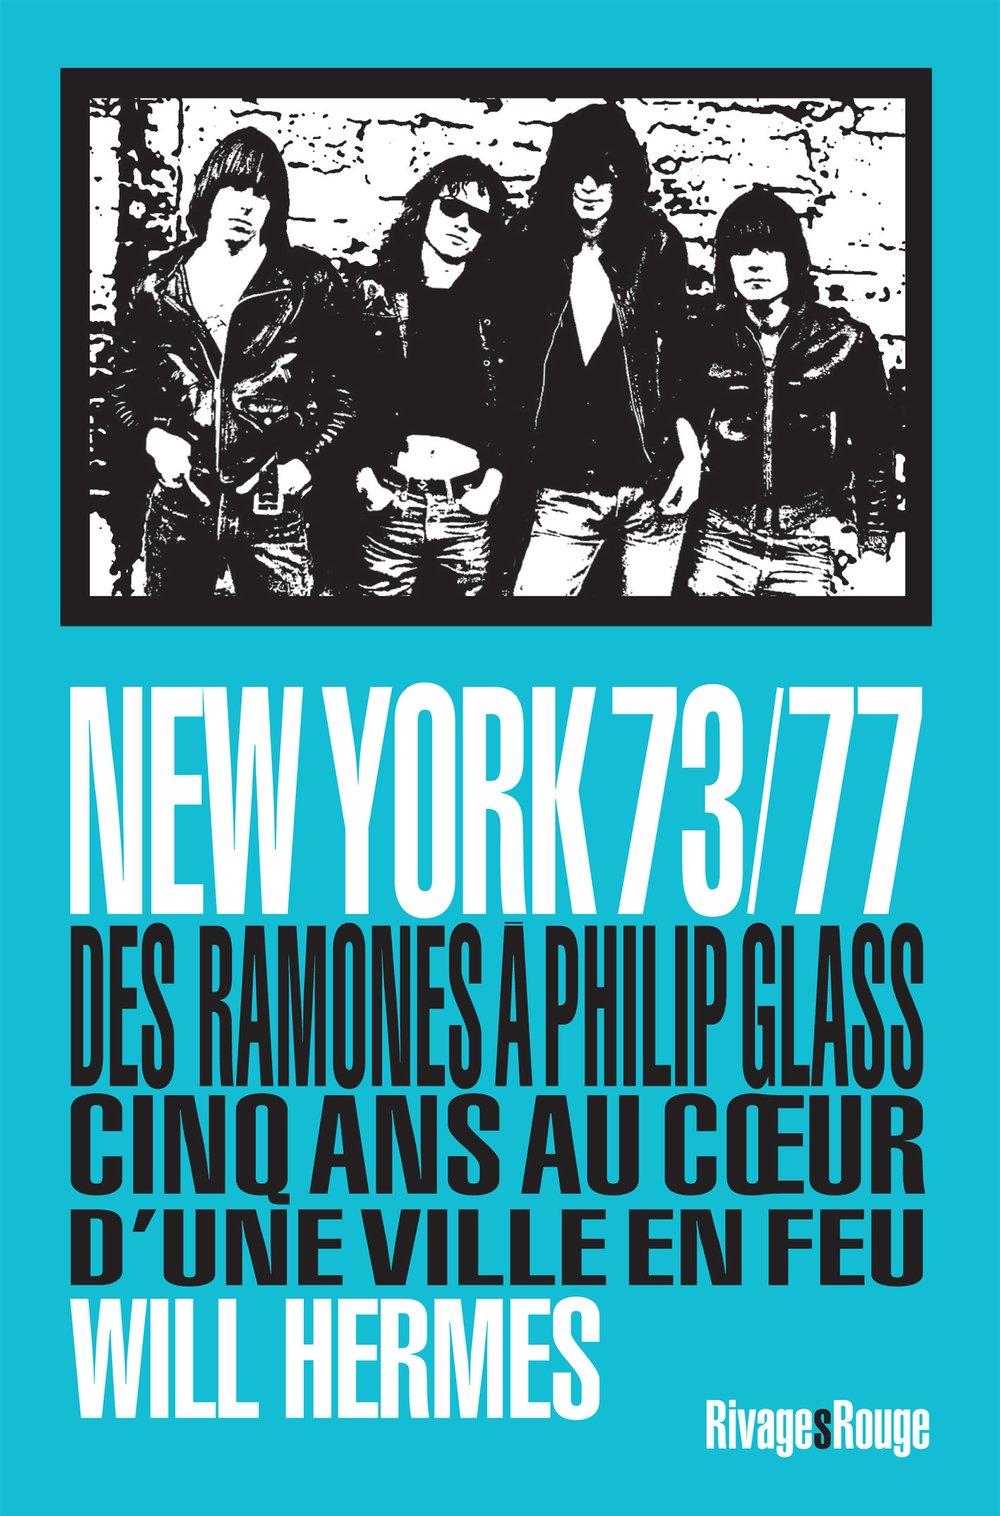 new york 73 77 des ramones philip glass cinq ans au coeur dune ville en feu